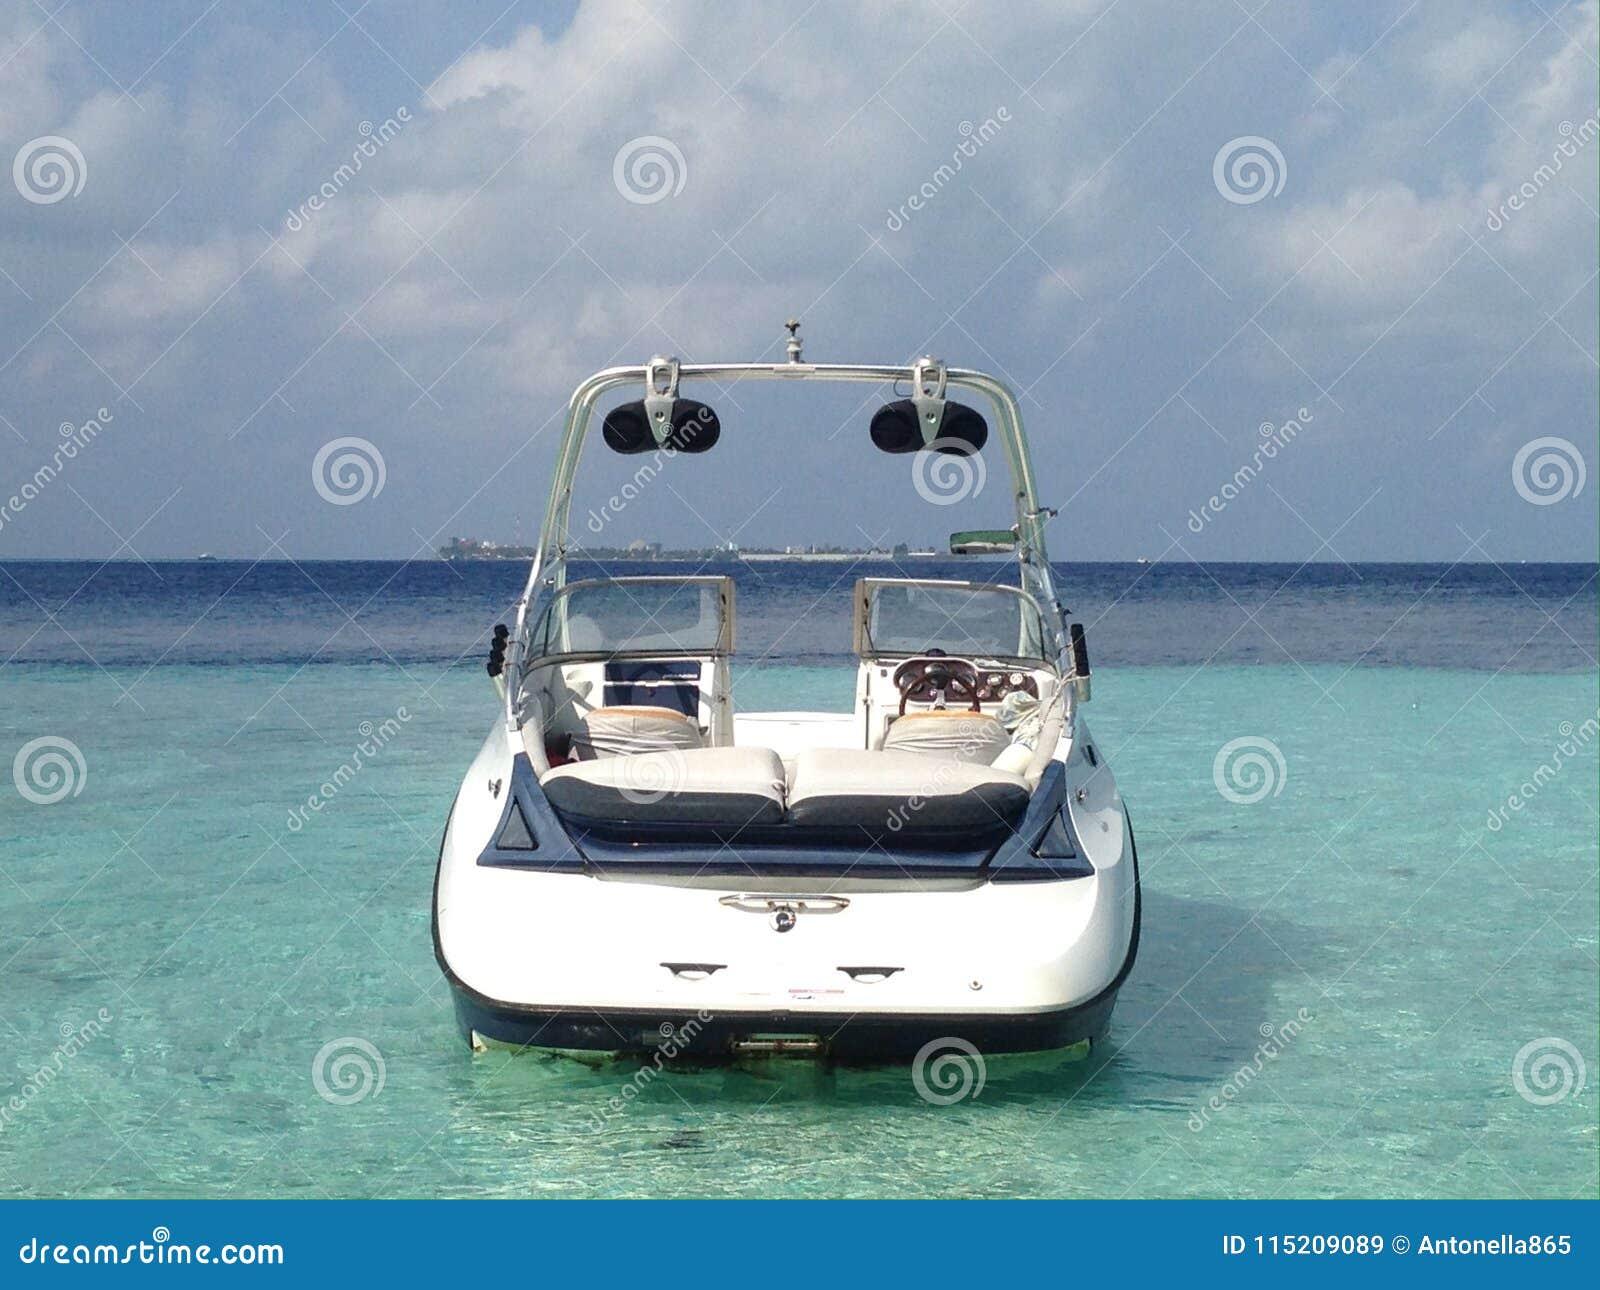 Moderne snelheidsboot in de lagune van tropisch eiland in de Indische Oceaan, de Maldiven